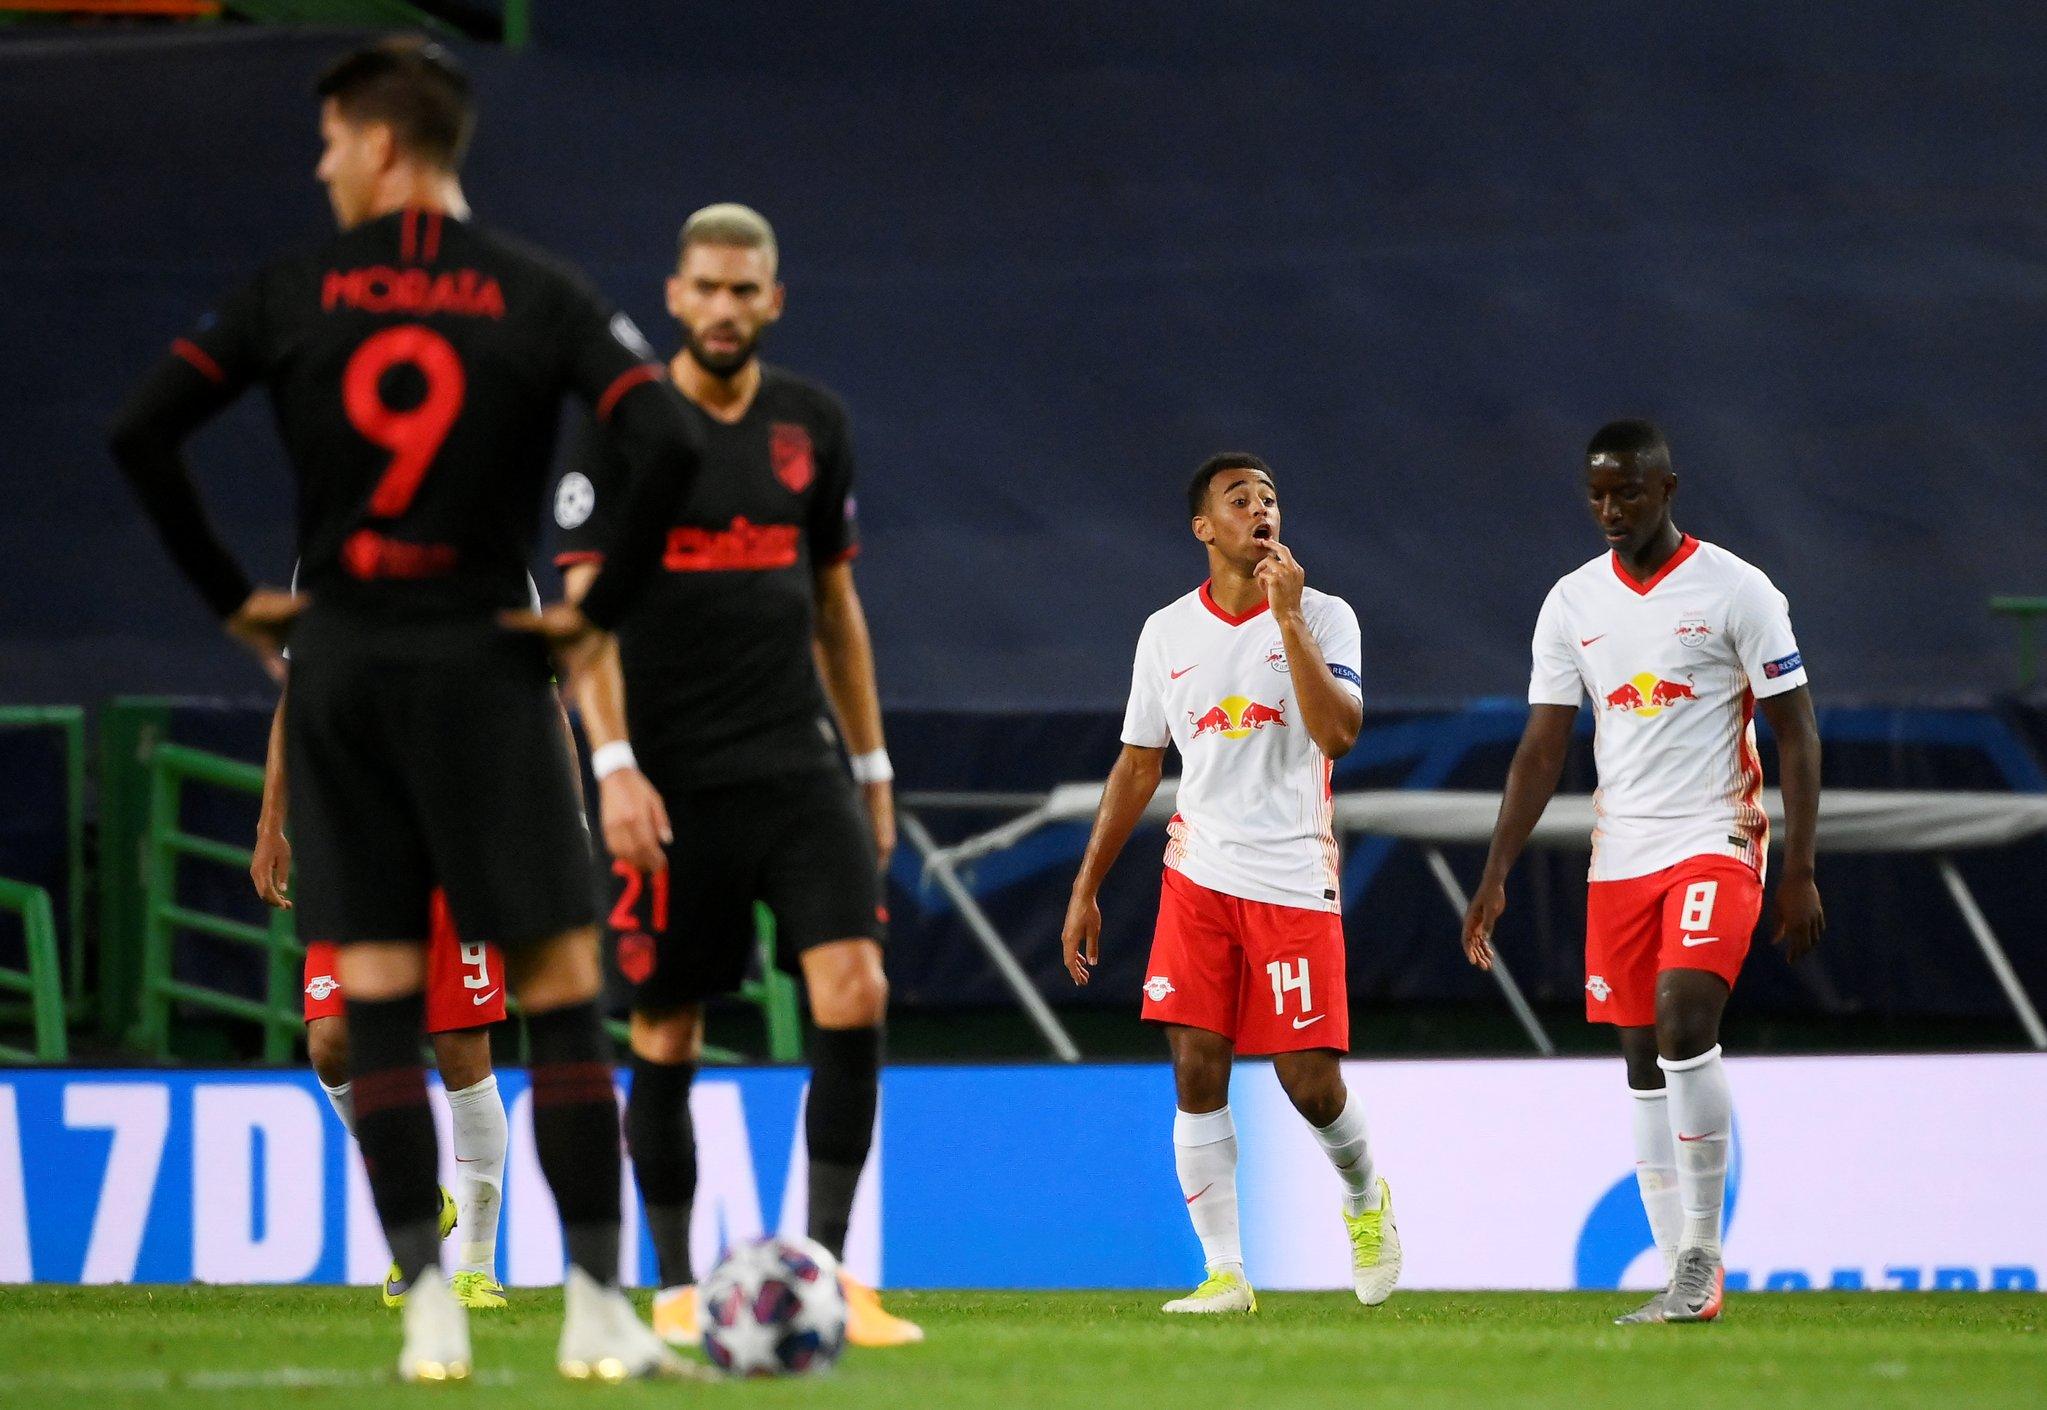 Leipzig eliminó al Atlético Madrid y se clasificó a semifinales de la Champions League